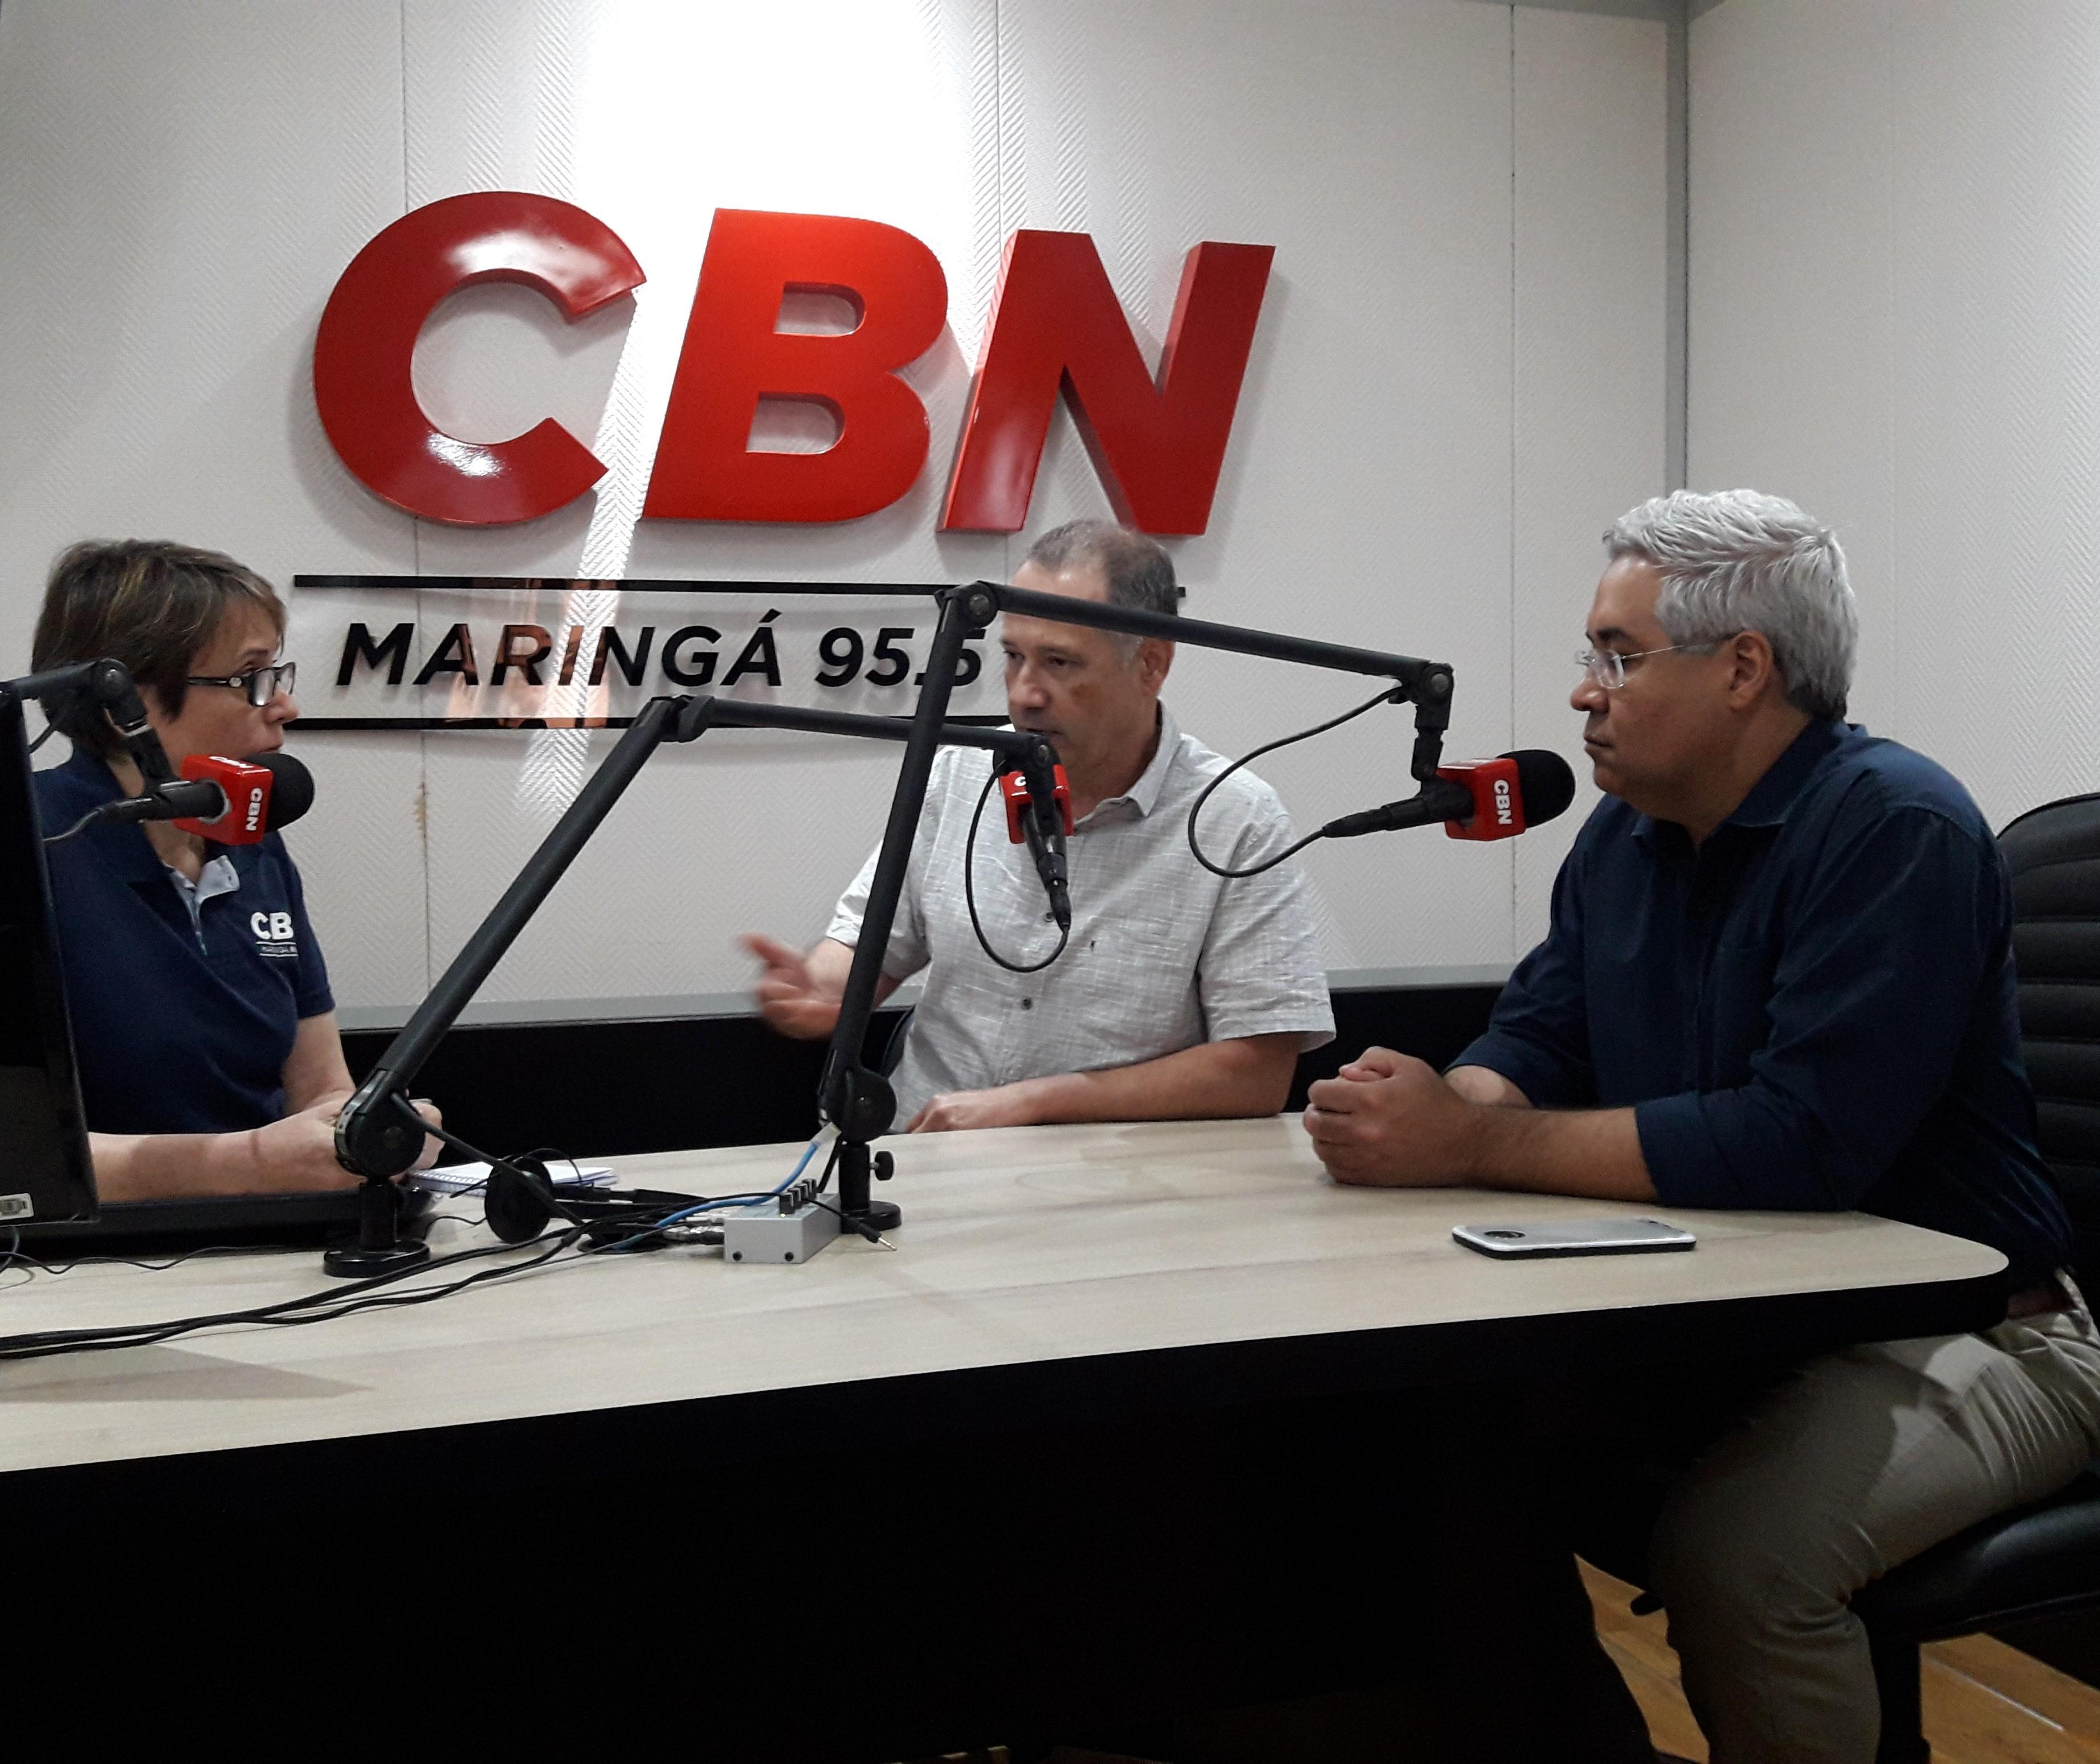 Sesa orienta profissionais de saúde em Maringá